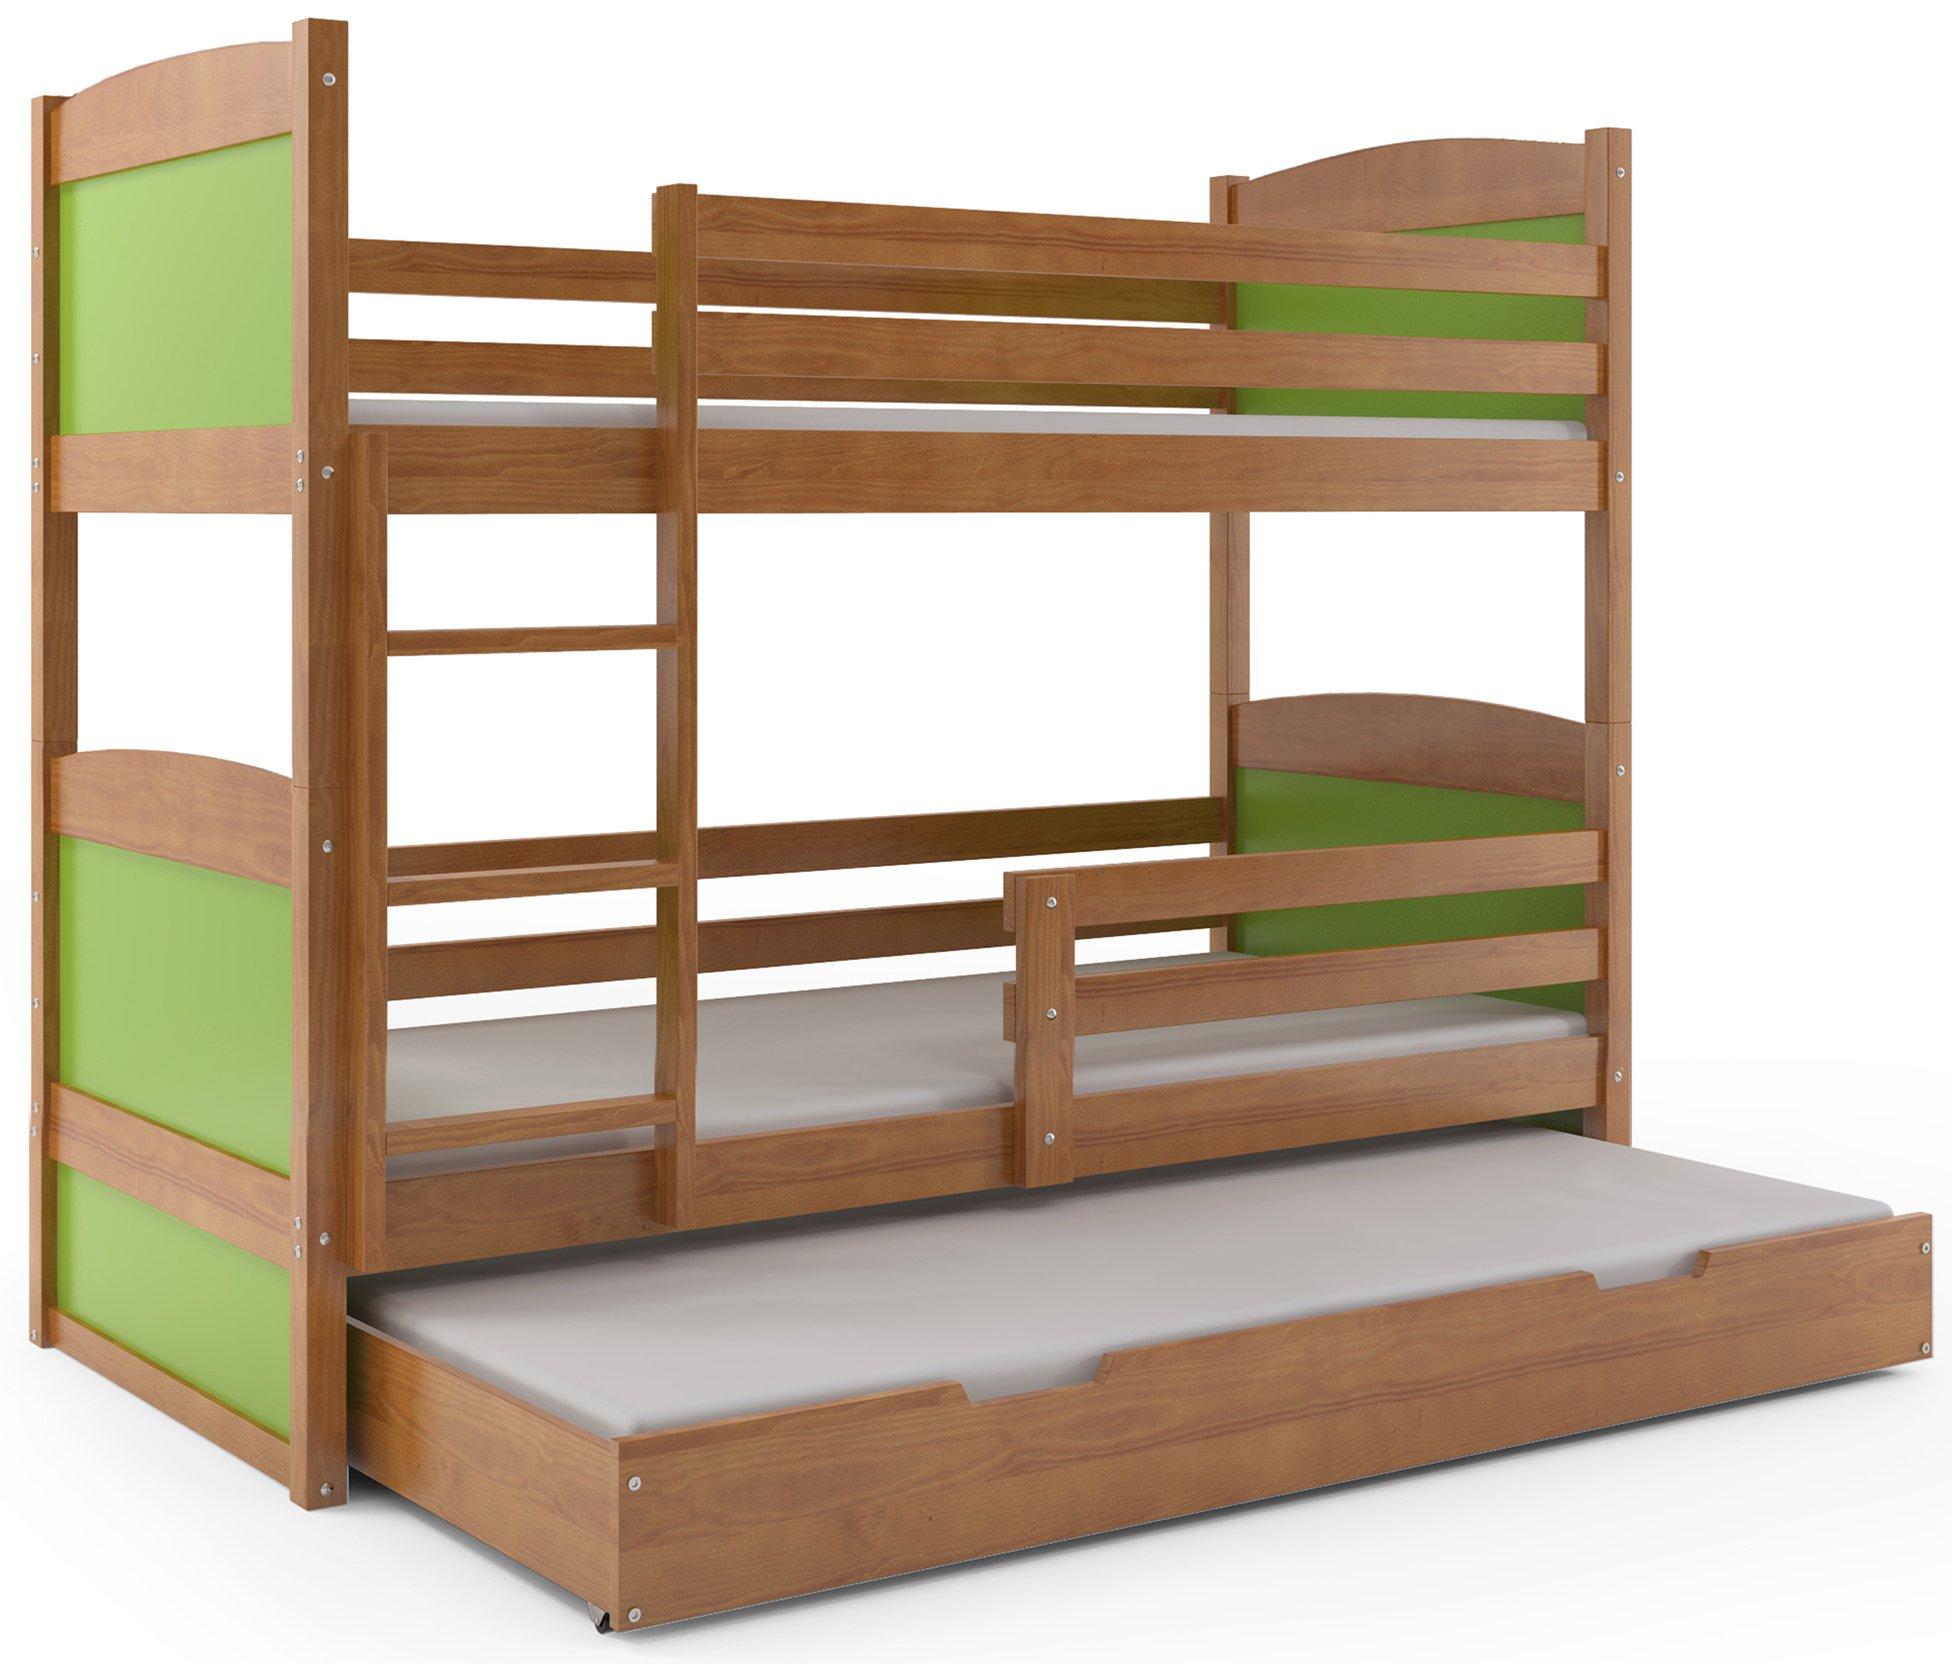 łóżko 3osobowe Dla Dzieci Rico 160x80 Stelaż 7283377079